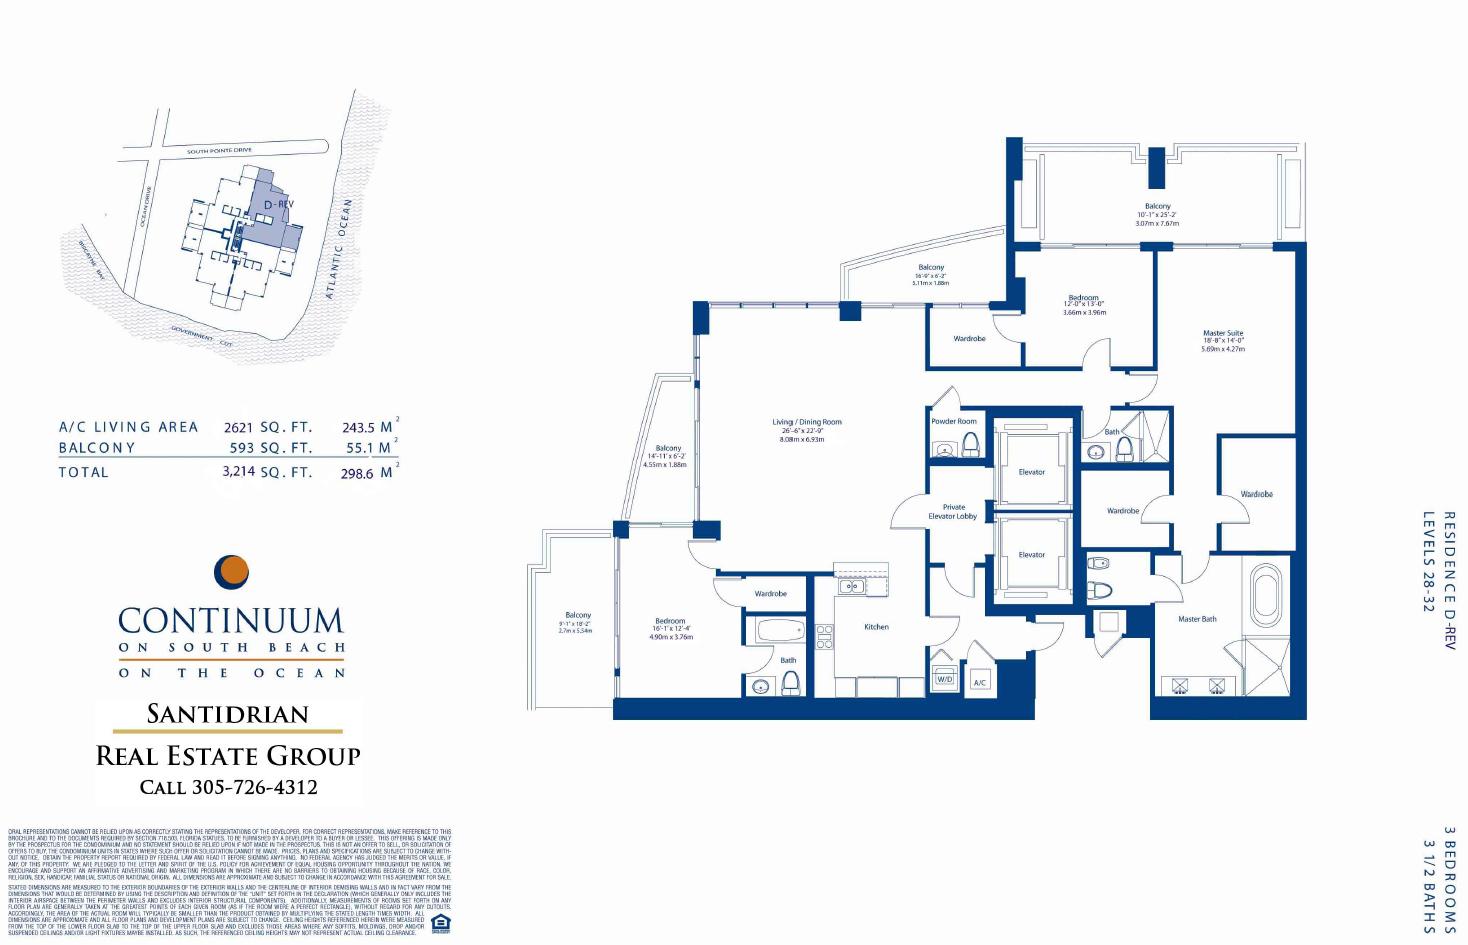 miami continuum south beach condo continuum north tower residence d rev · continuum north tower residence e · continuum north tower residence e modified